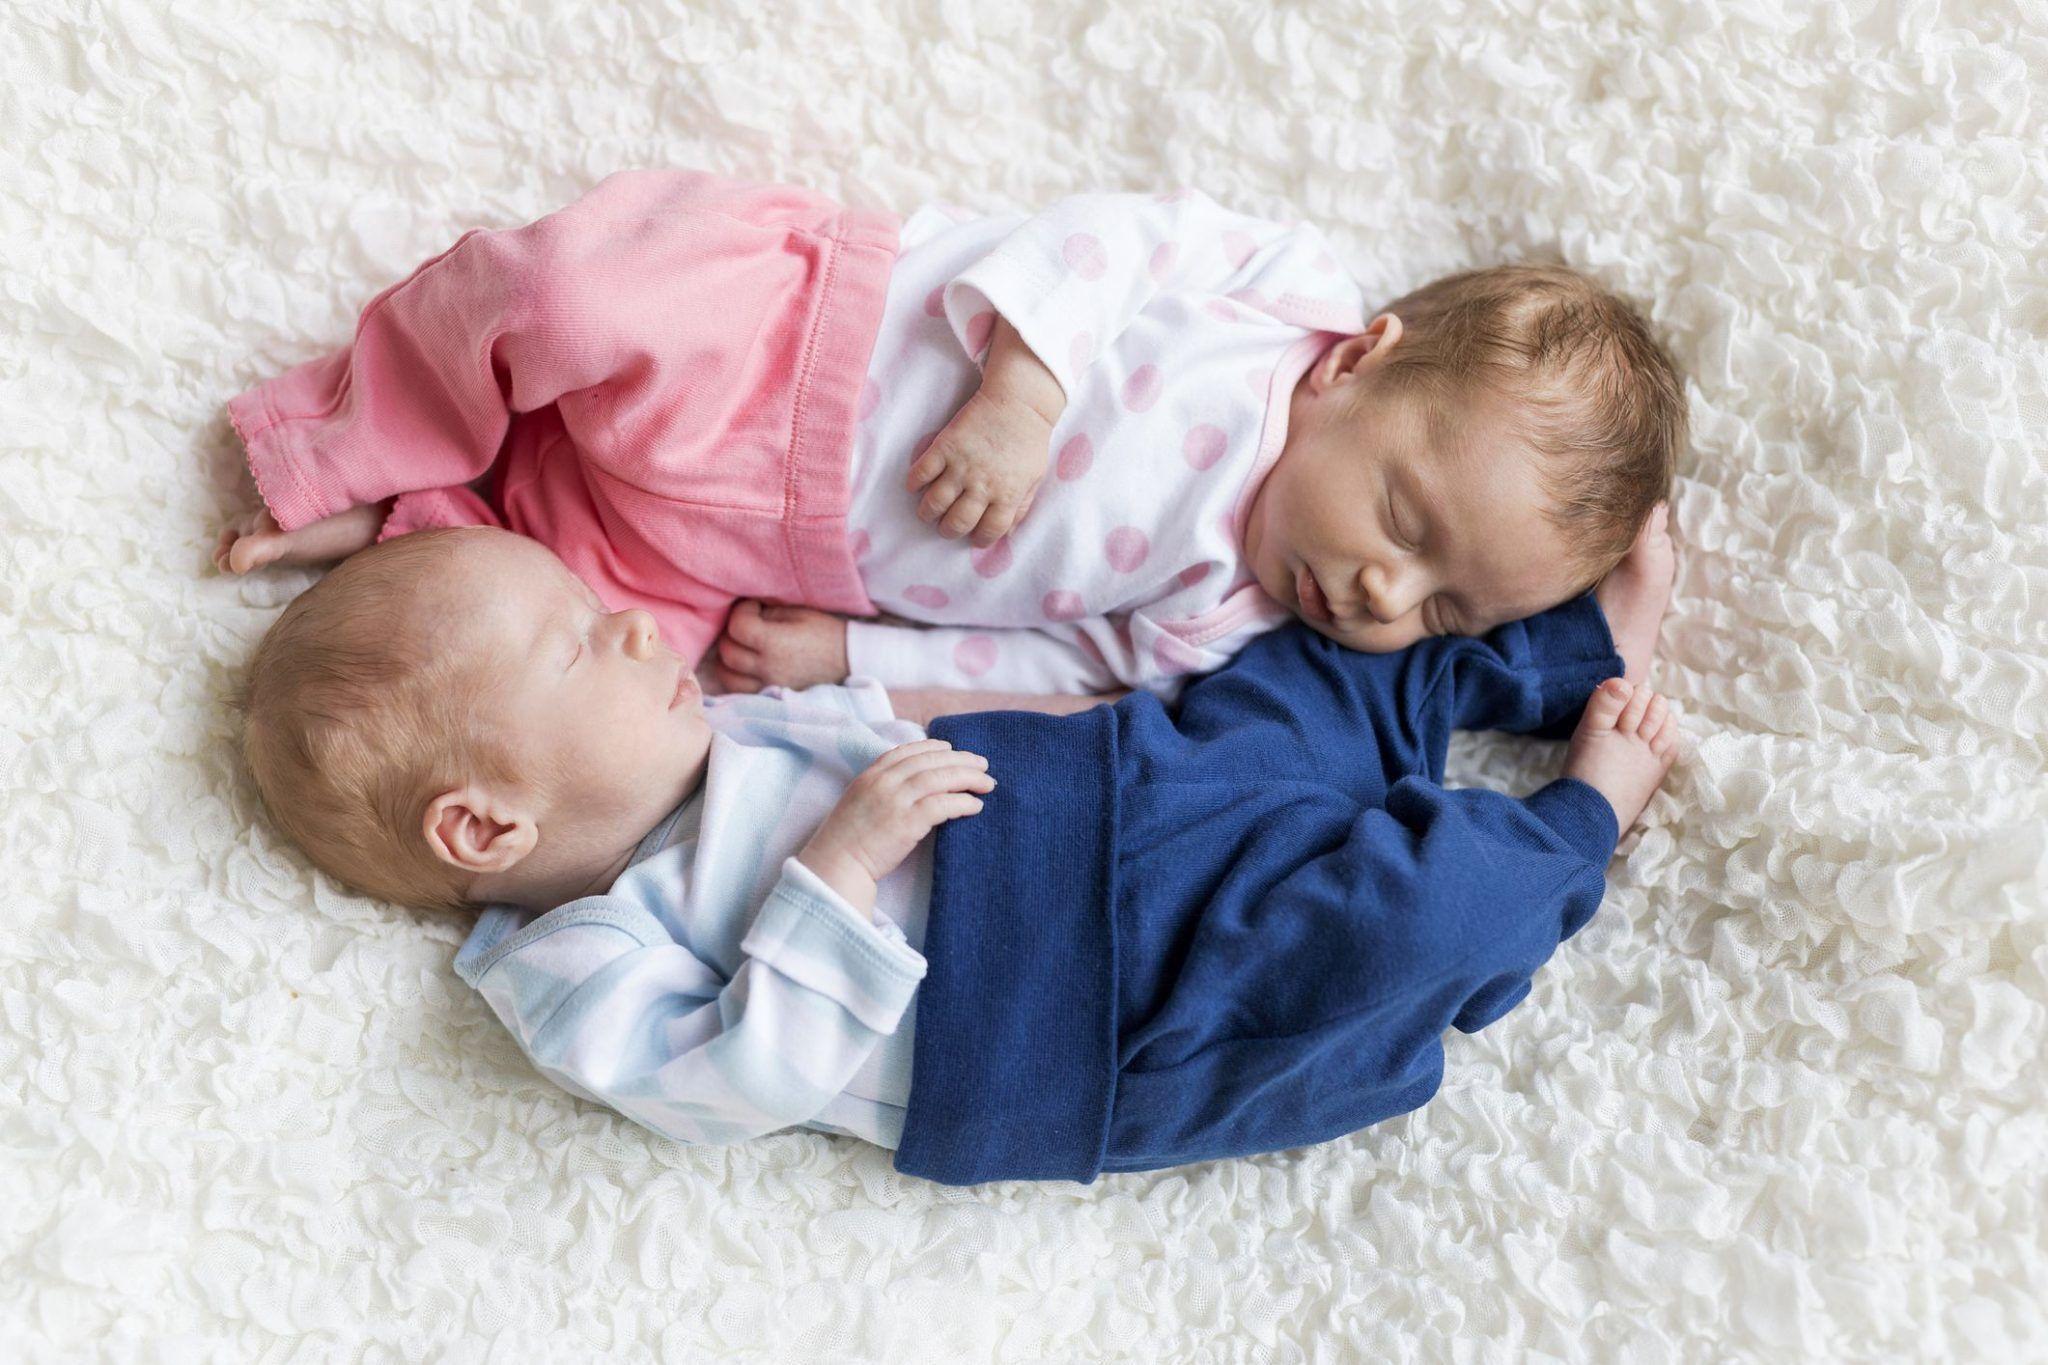 Doğurganlığı Etkileyen Risk Faktörleri